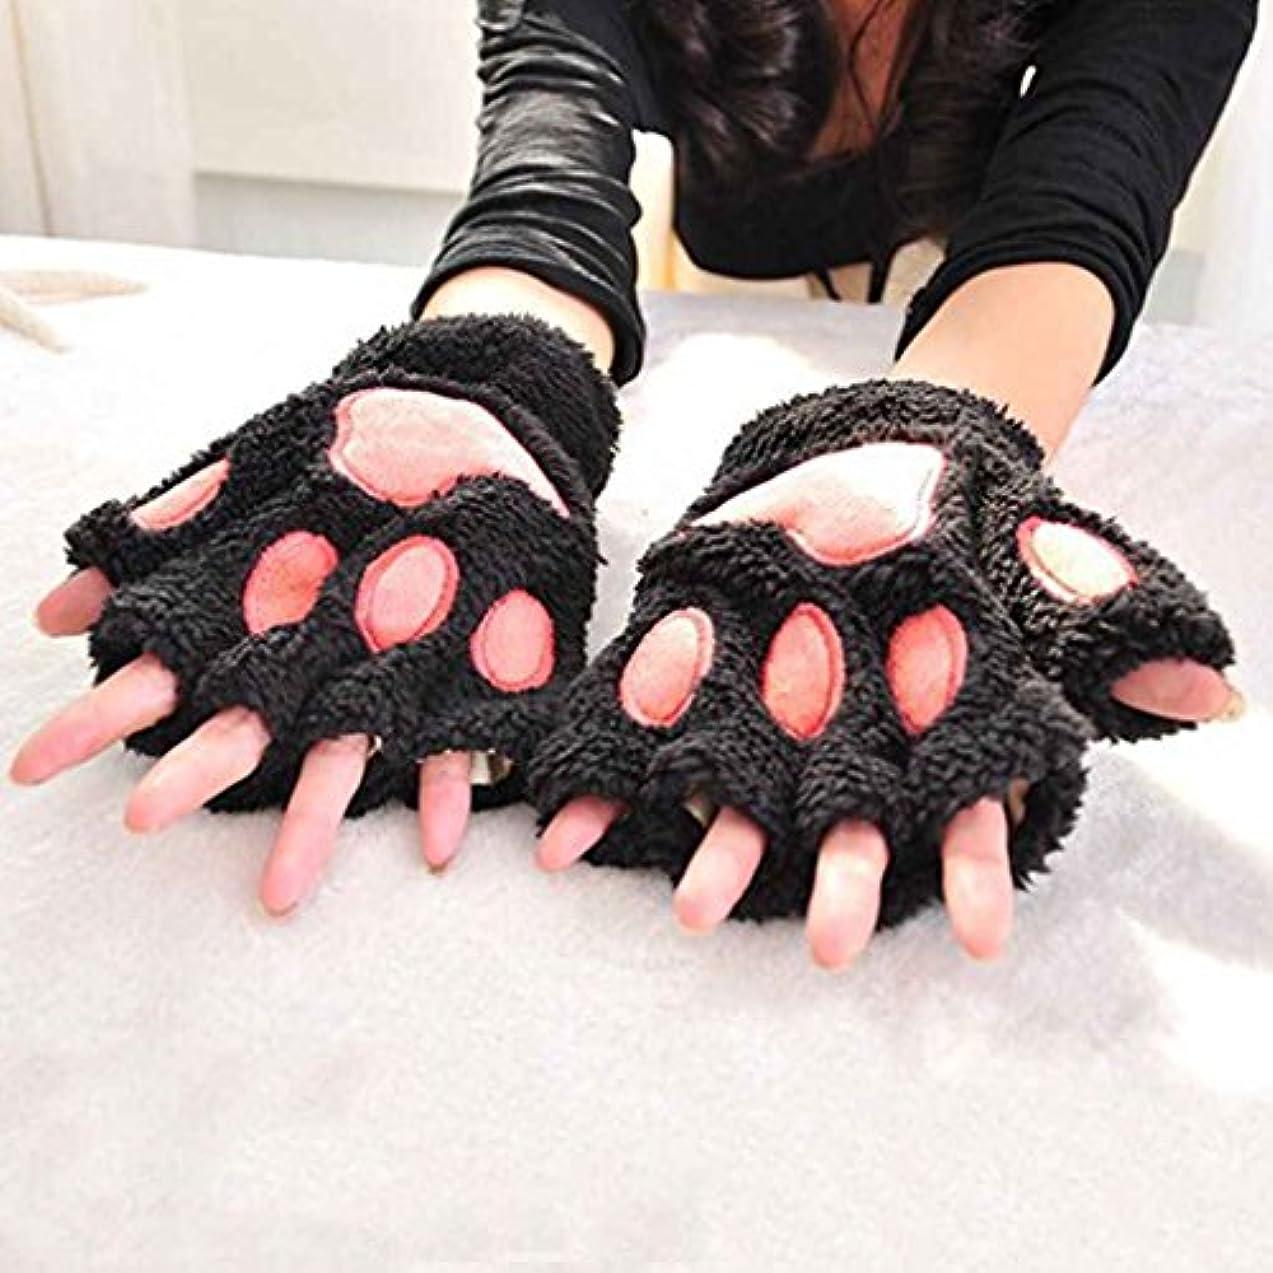 地下鉄民族主義キャッシュArichtop レディースガールズ冬のかわいい漫画の動物の爪のハーフフィンガーグローブミトン